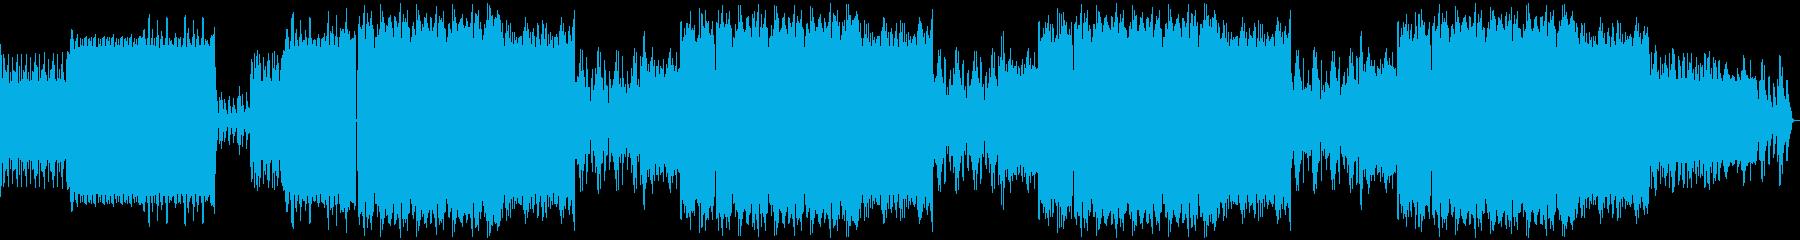 エクササイズ 4つ打ちダンス 13分間の再生済みの波形